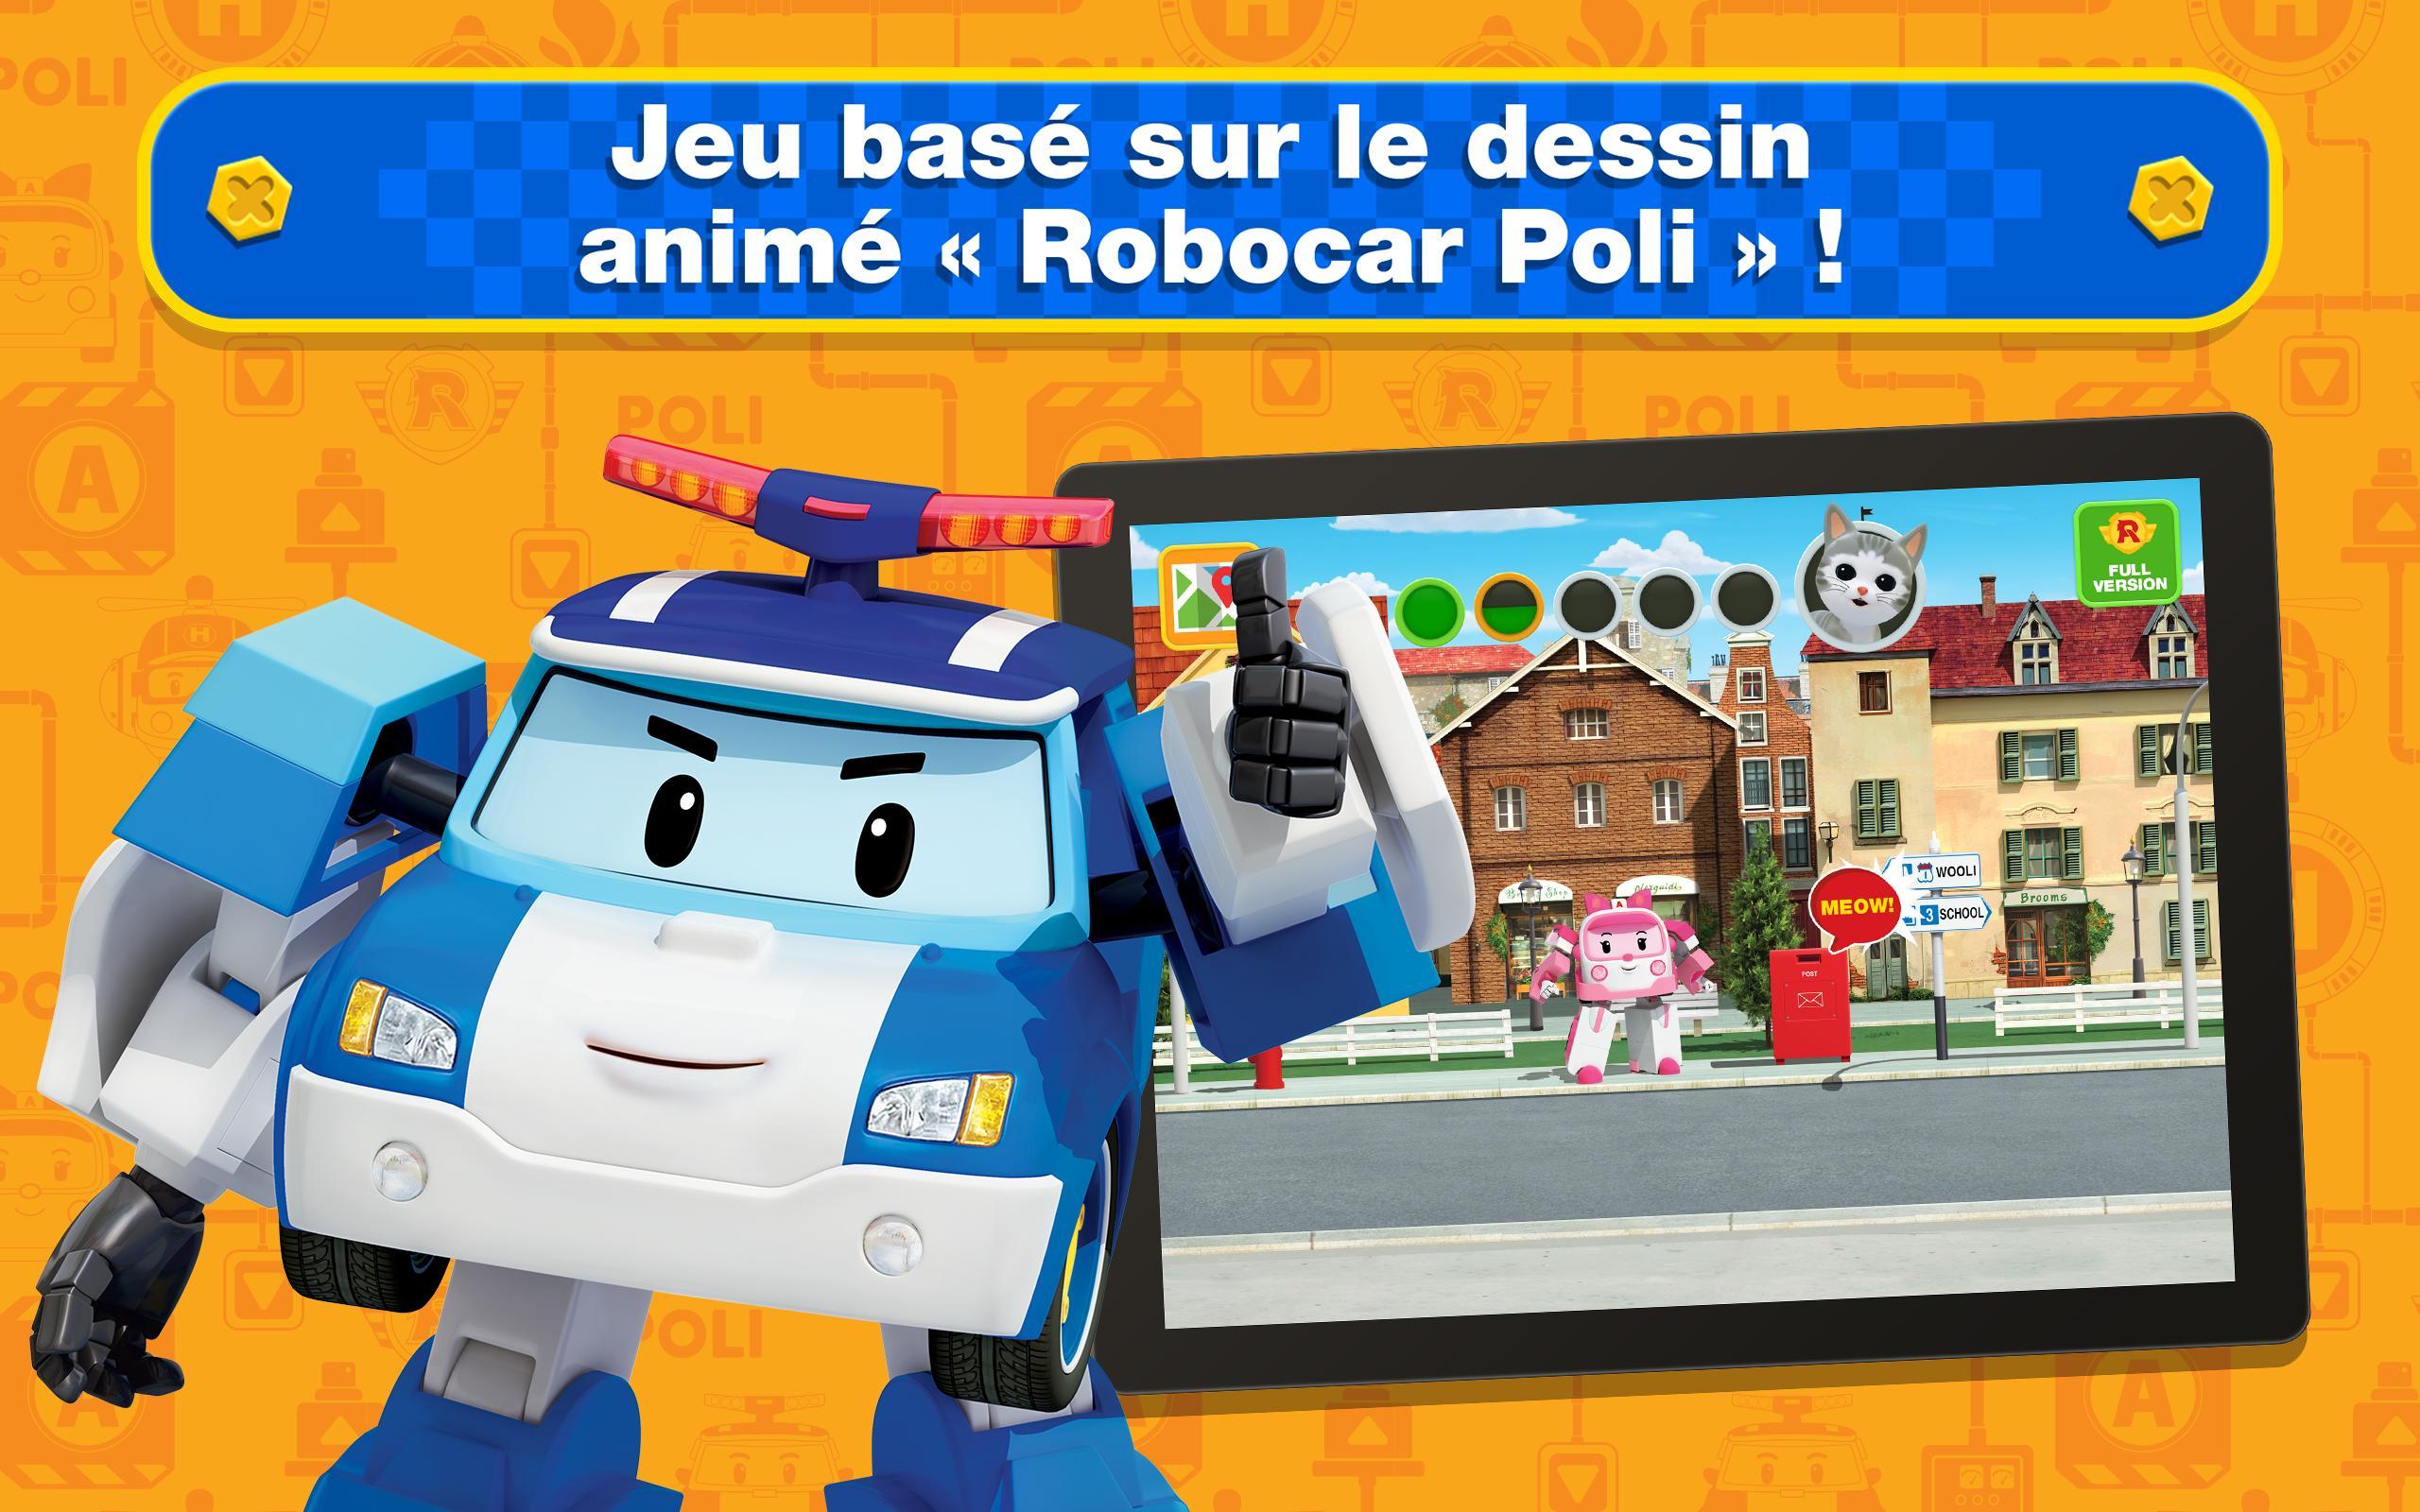 Robocar Poli Jeux 3 4 5 Ans Gratuit Games For Boys Pour concernant Jeux 5 Ans Gratuit